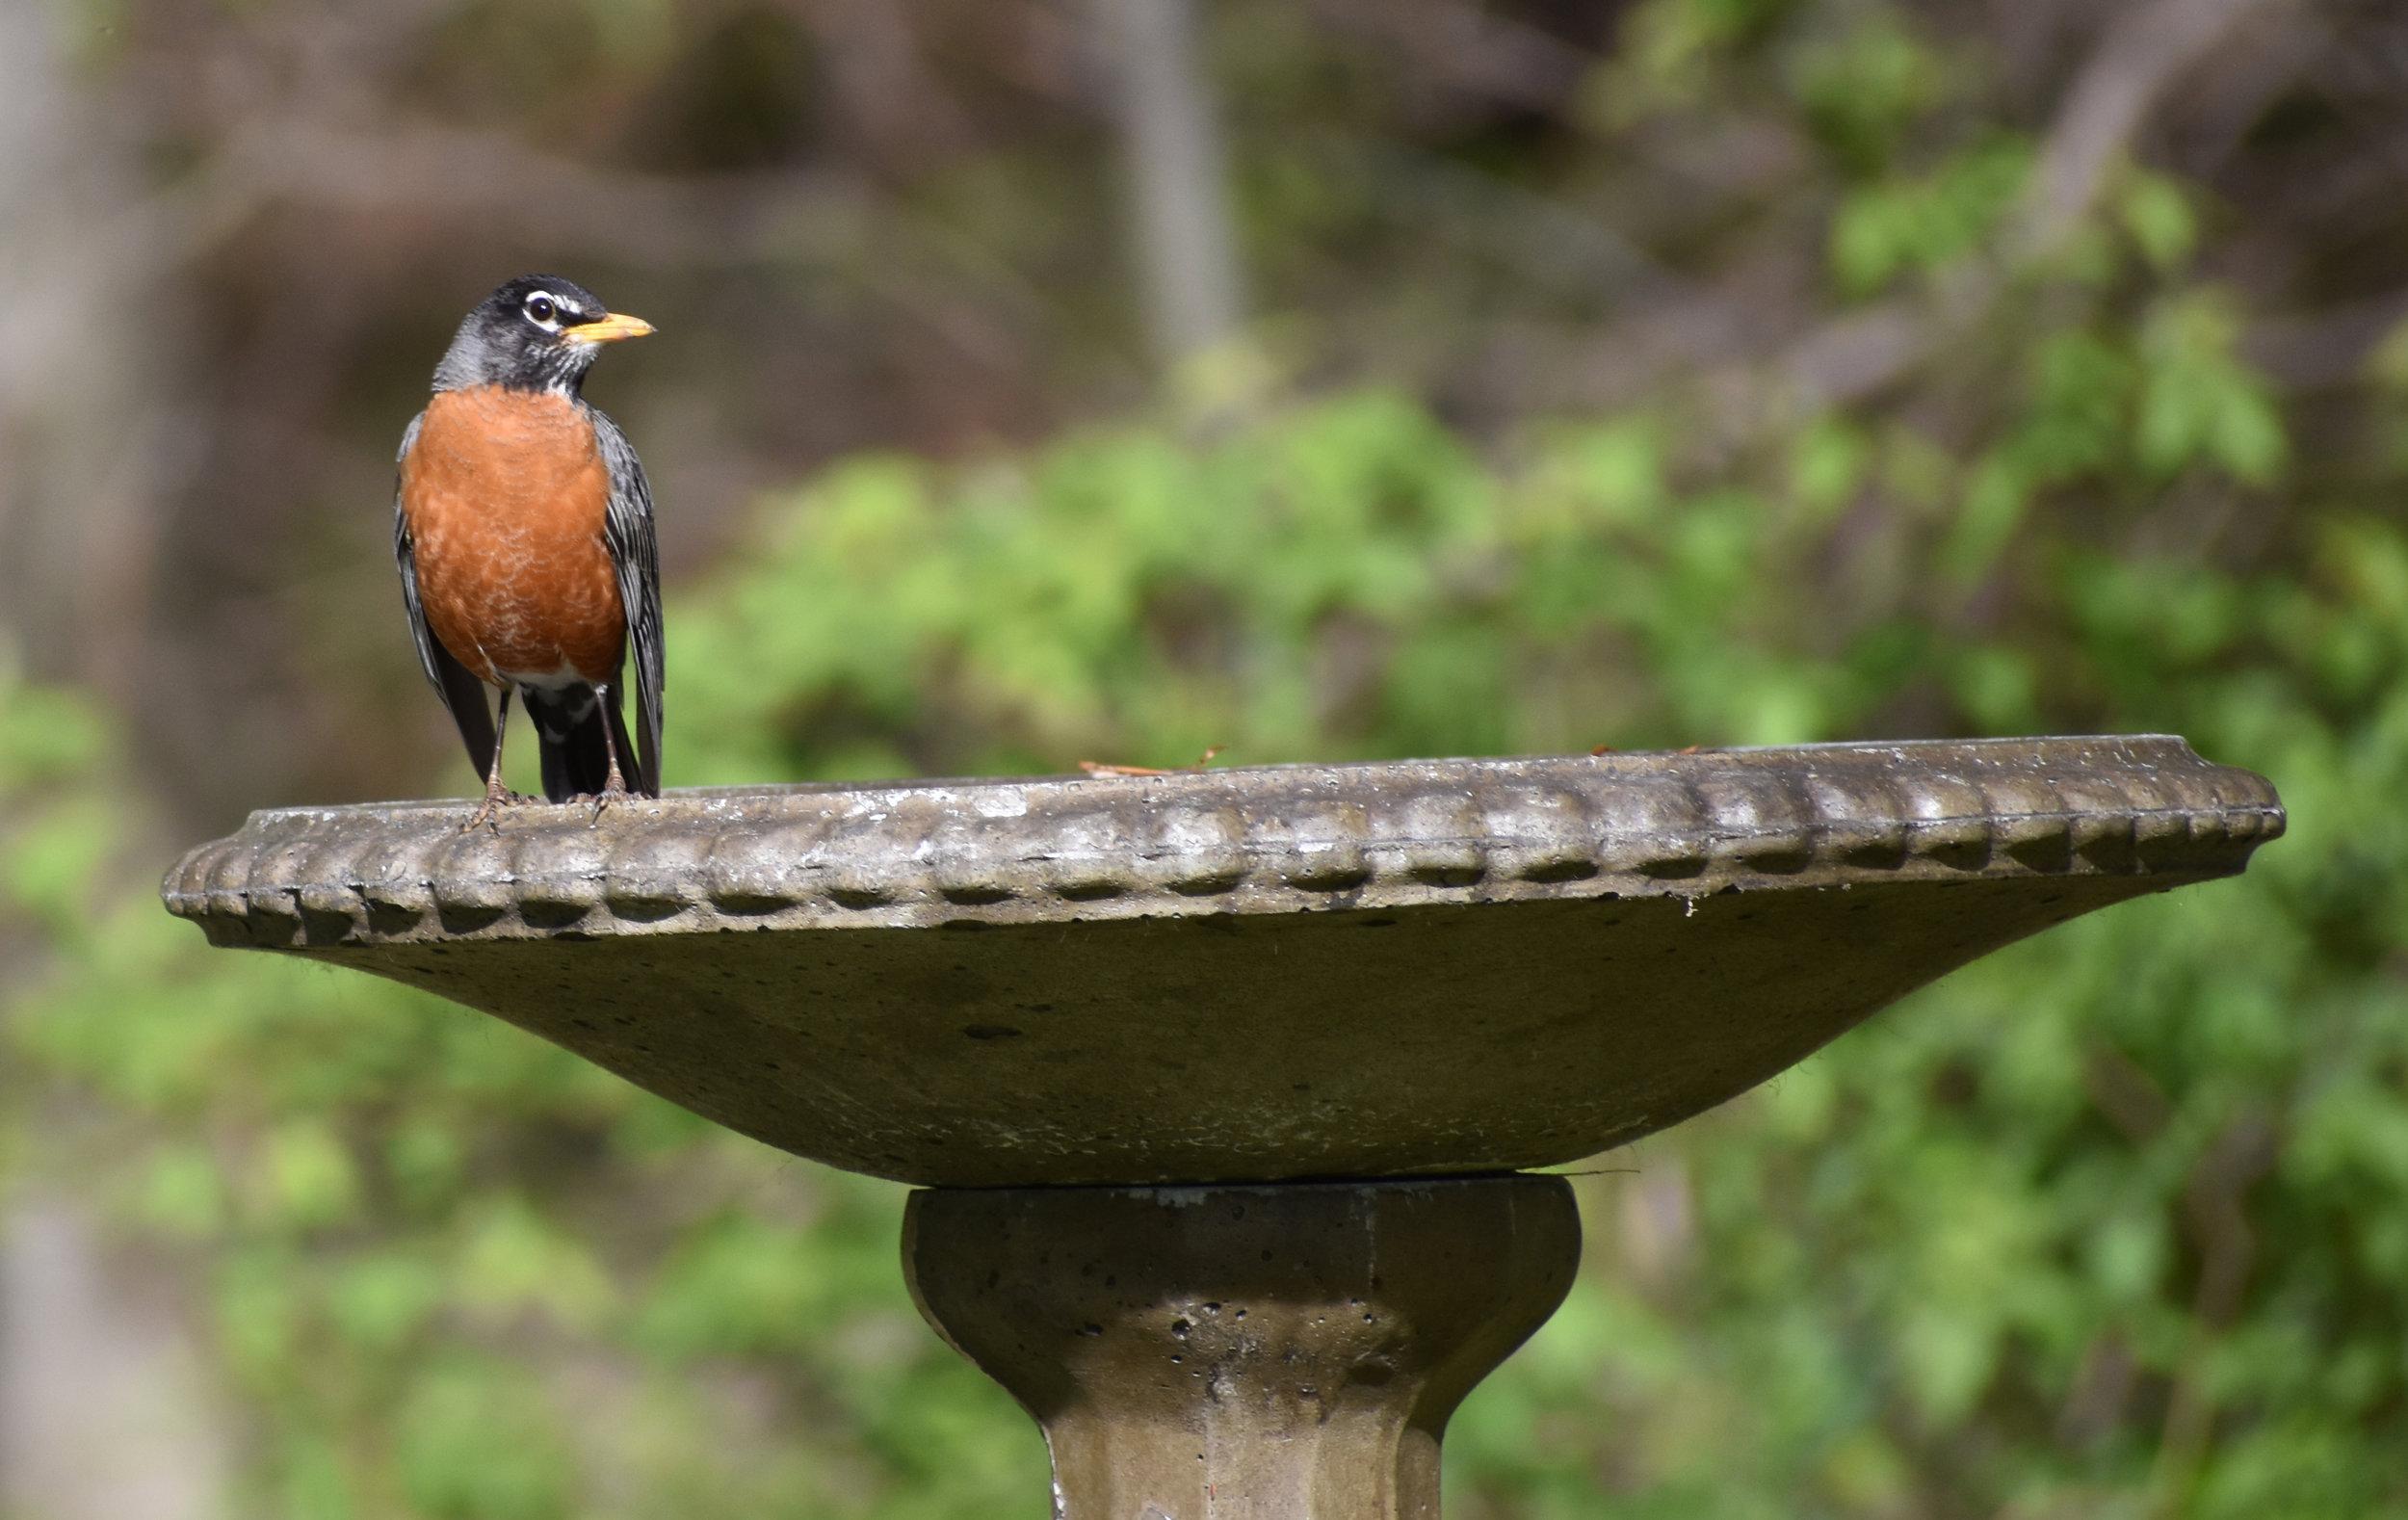 American Robin at birdbath